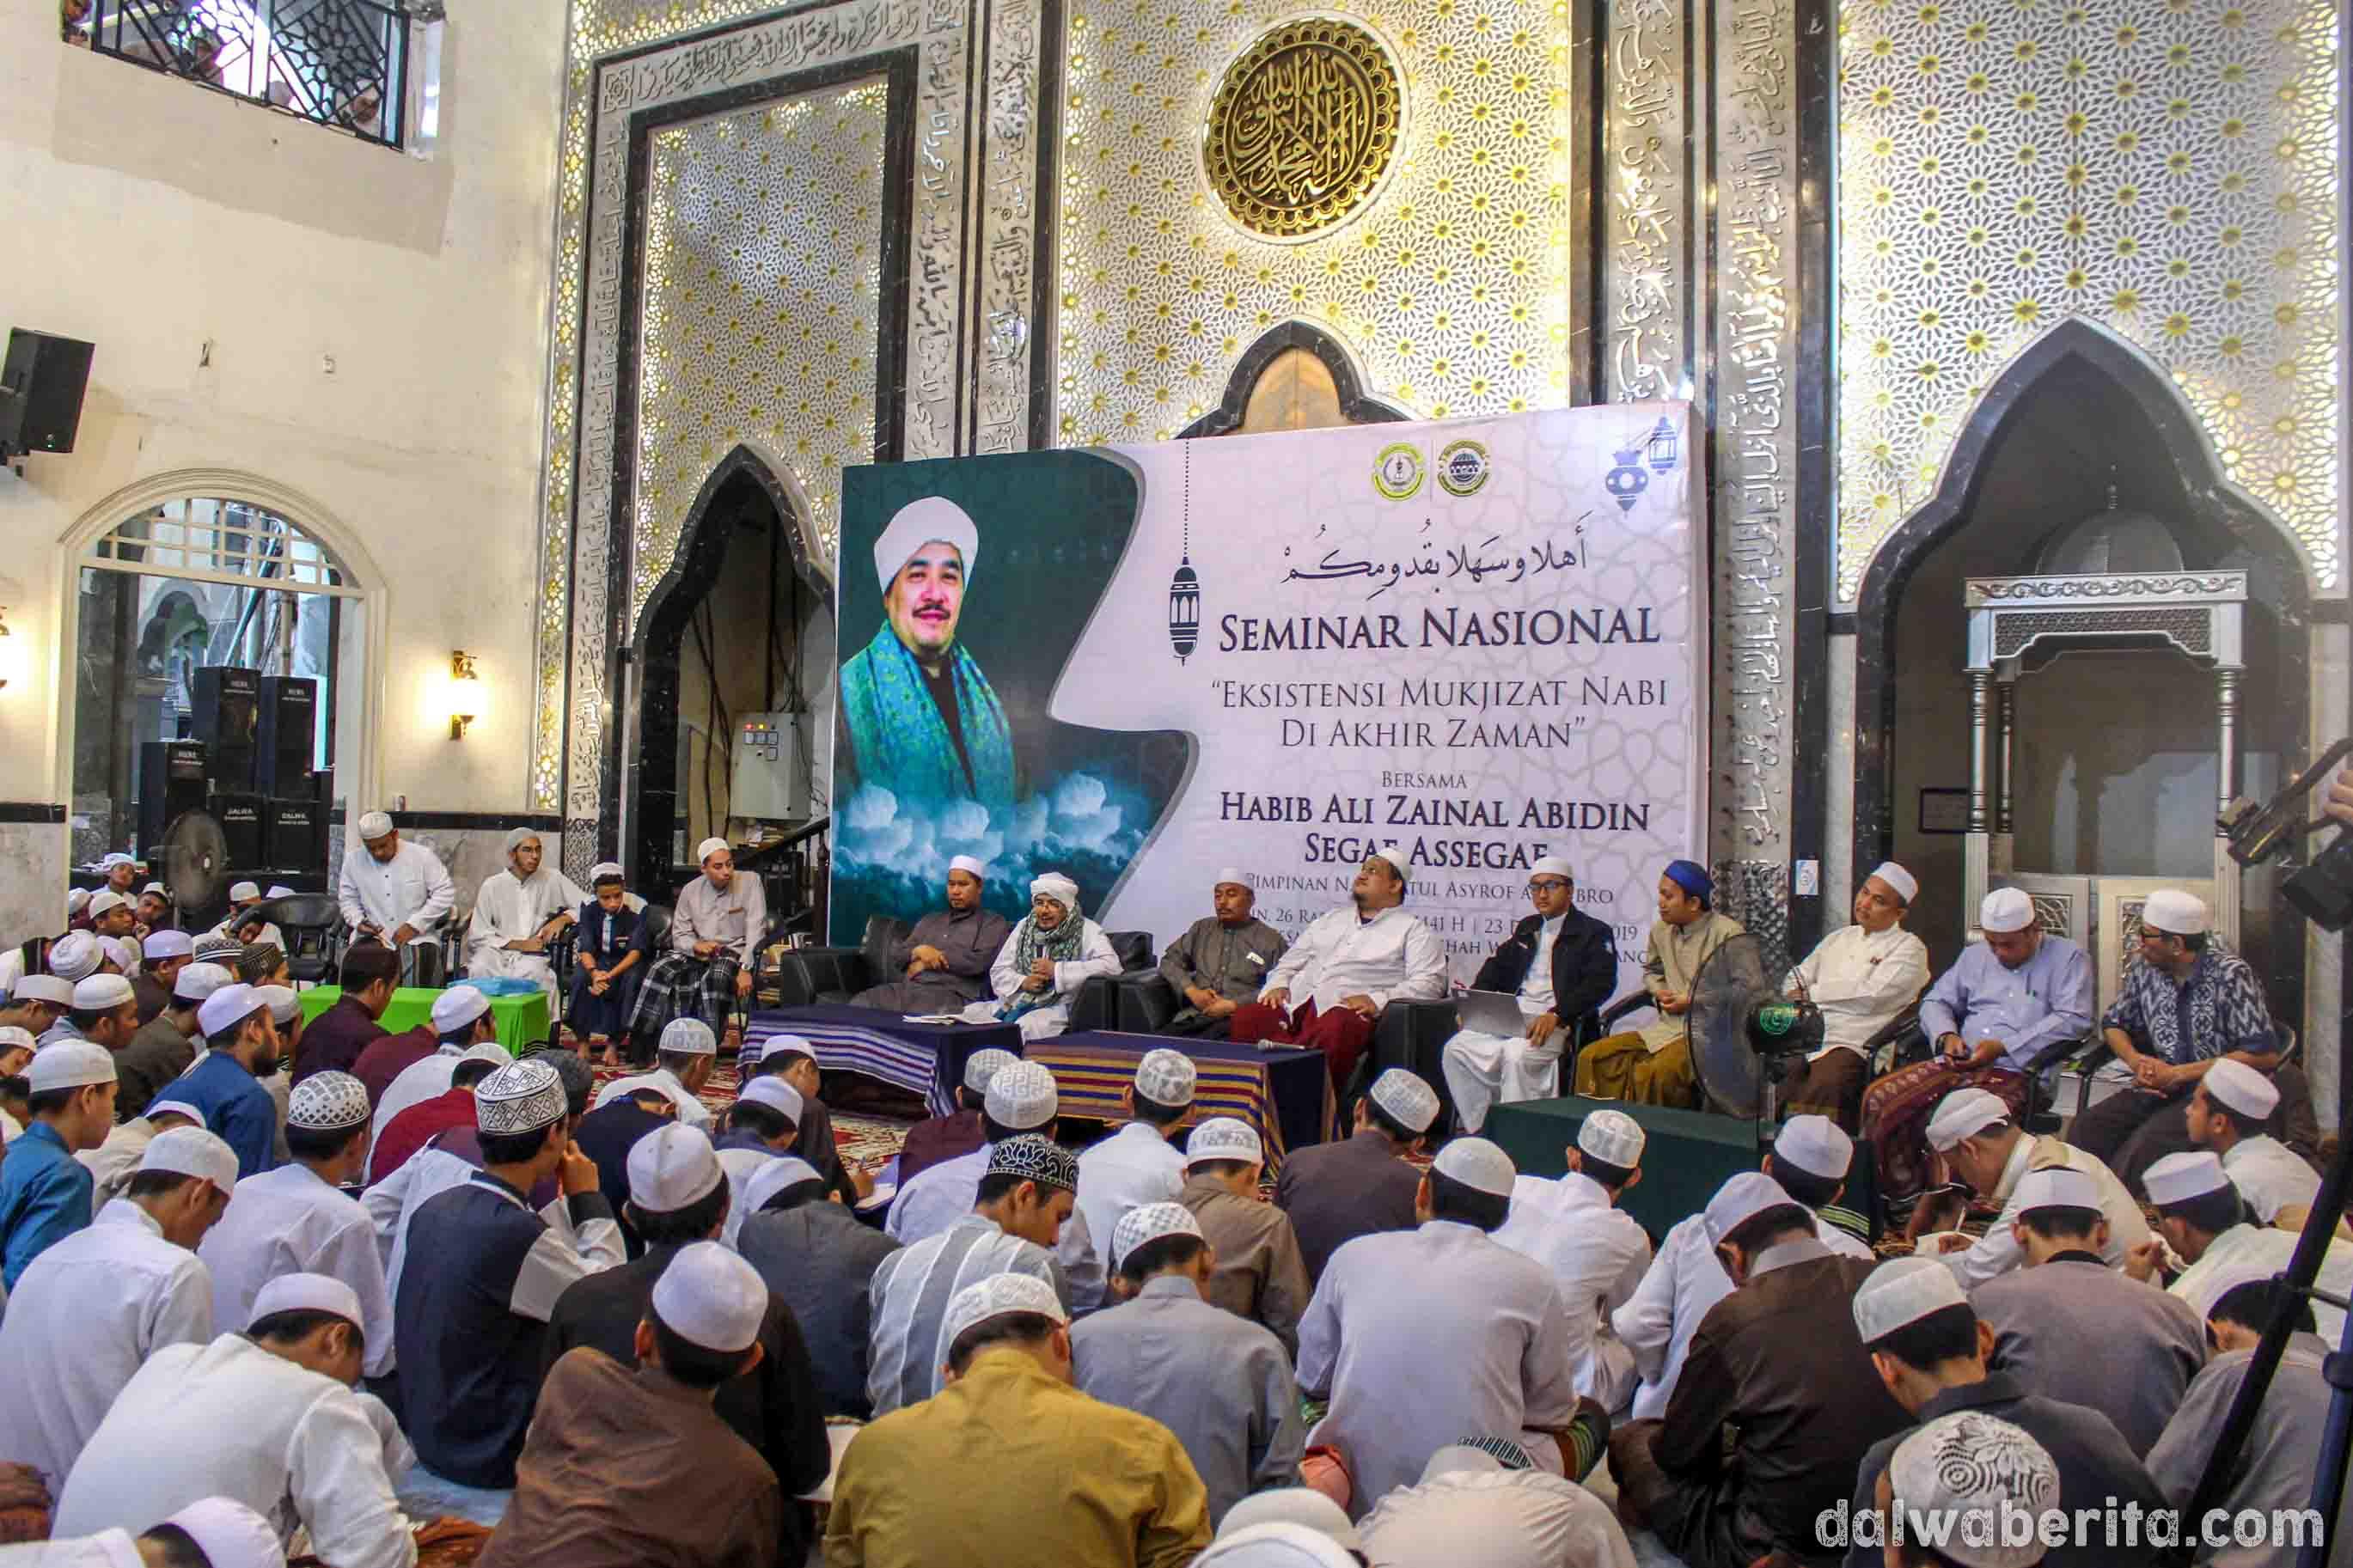 Seminar Eksistensi Mukjizat Nabi Di Akhir Zaman